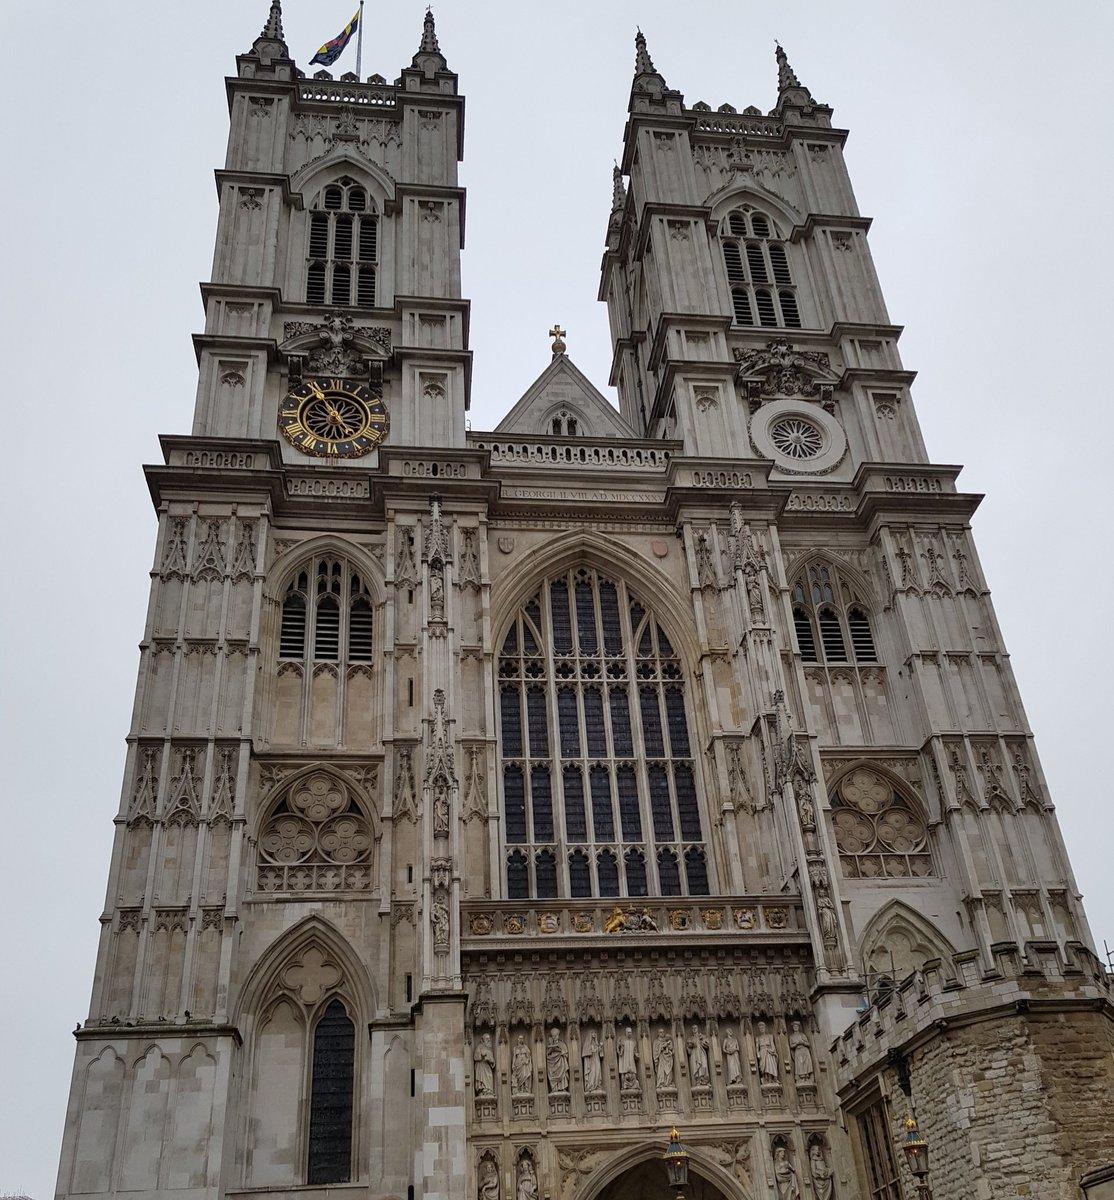 23€ Eintritt? Ich wollte bloß mal gucken, nicht da Heiraten!#WestminsterAbbey pic.twitter.com/YBxaURCpK3